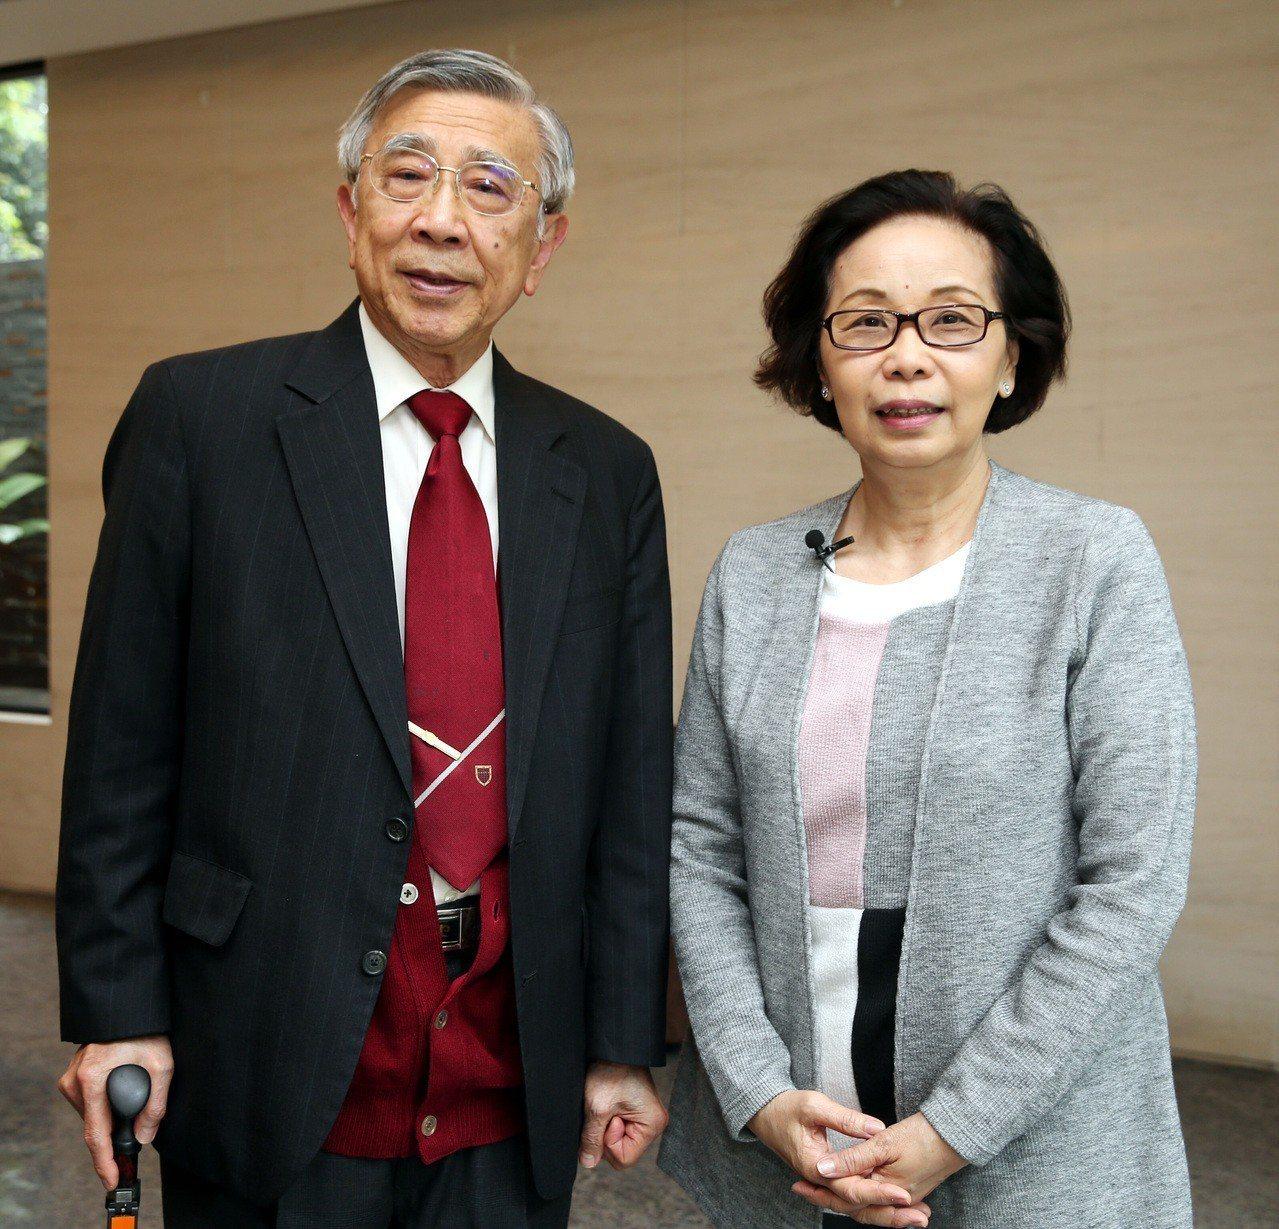 前衛生署長李明亮(左)與罕見疾病基金會創辦人陳莉茵(右)。記者侯永全/攝影